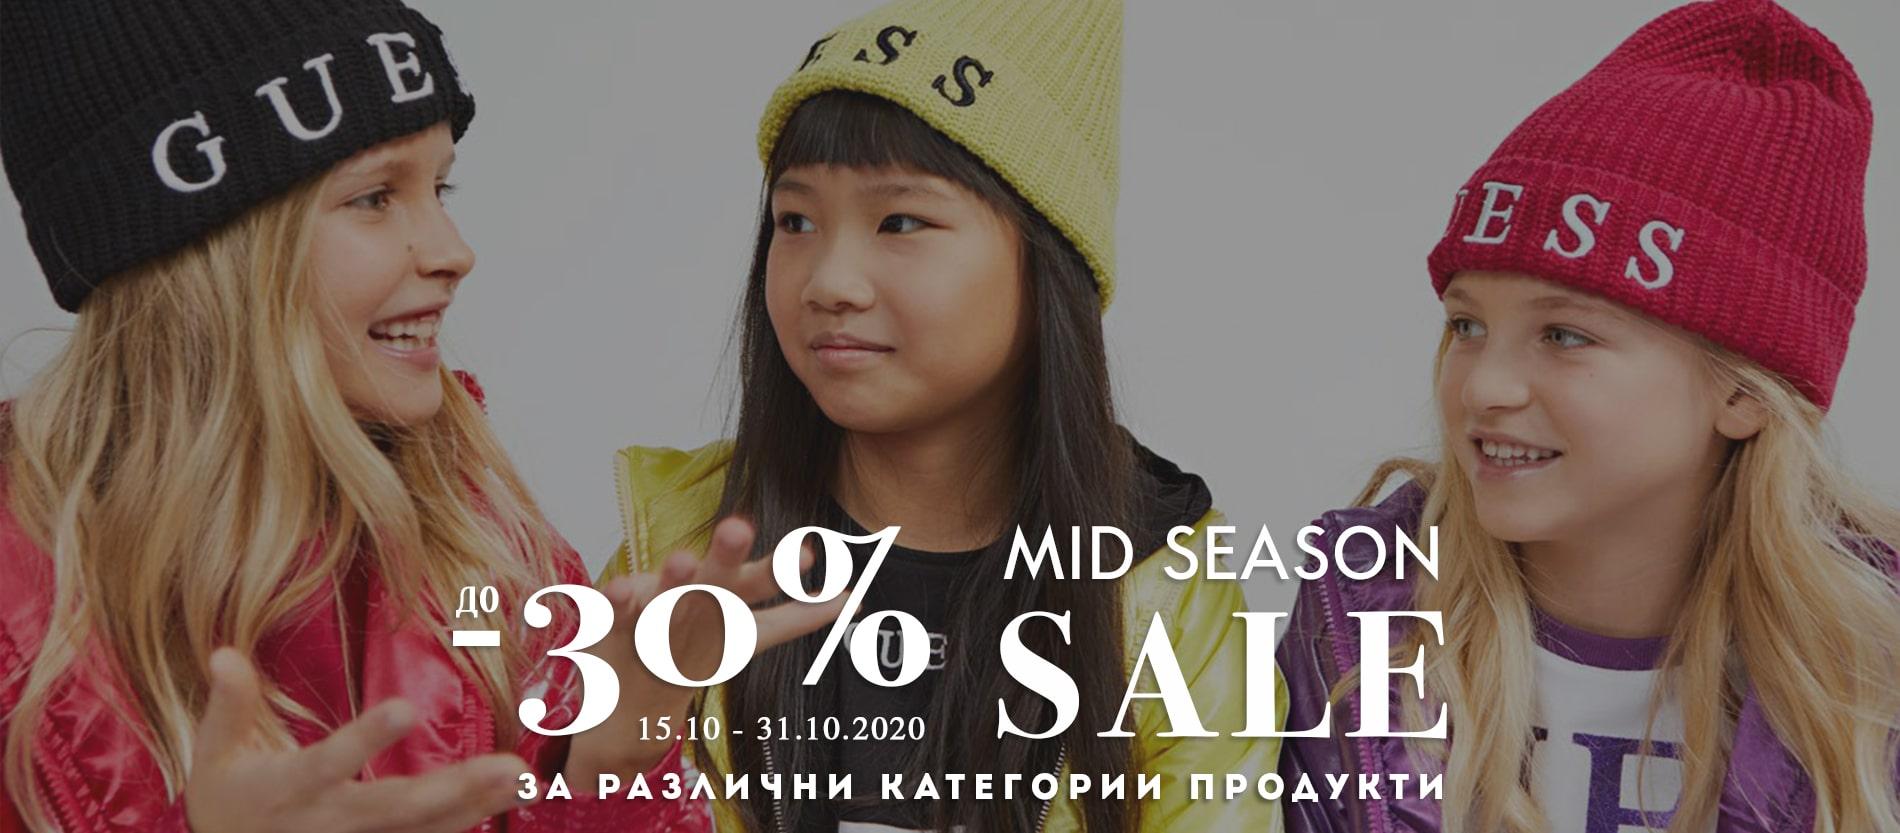 Избрани модели на намалени цени! Купи сега с до -30% Есенни изкушения!